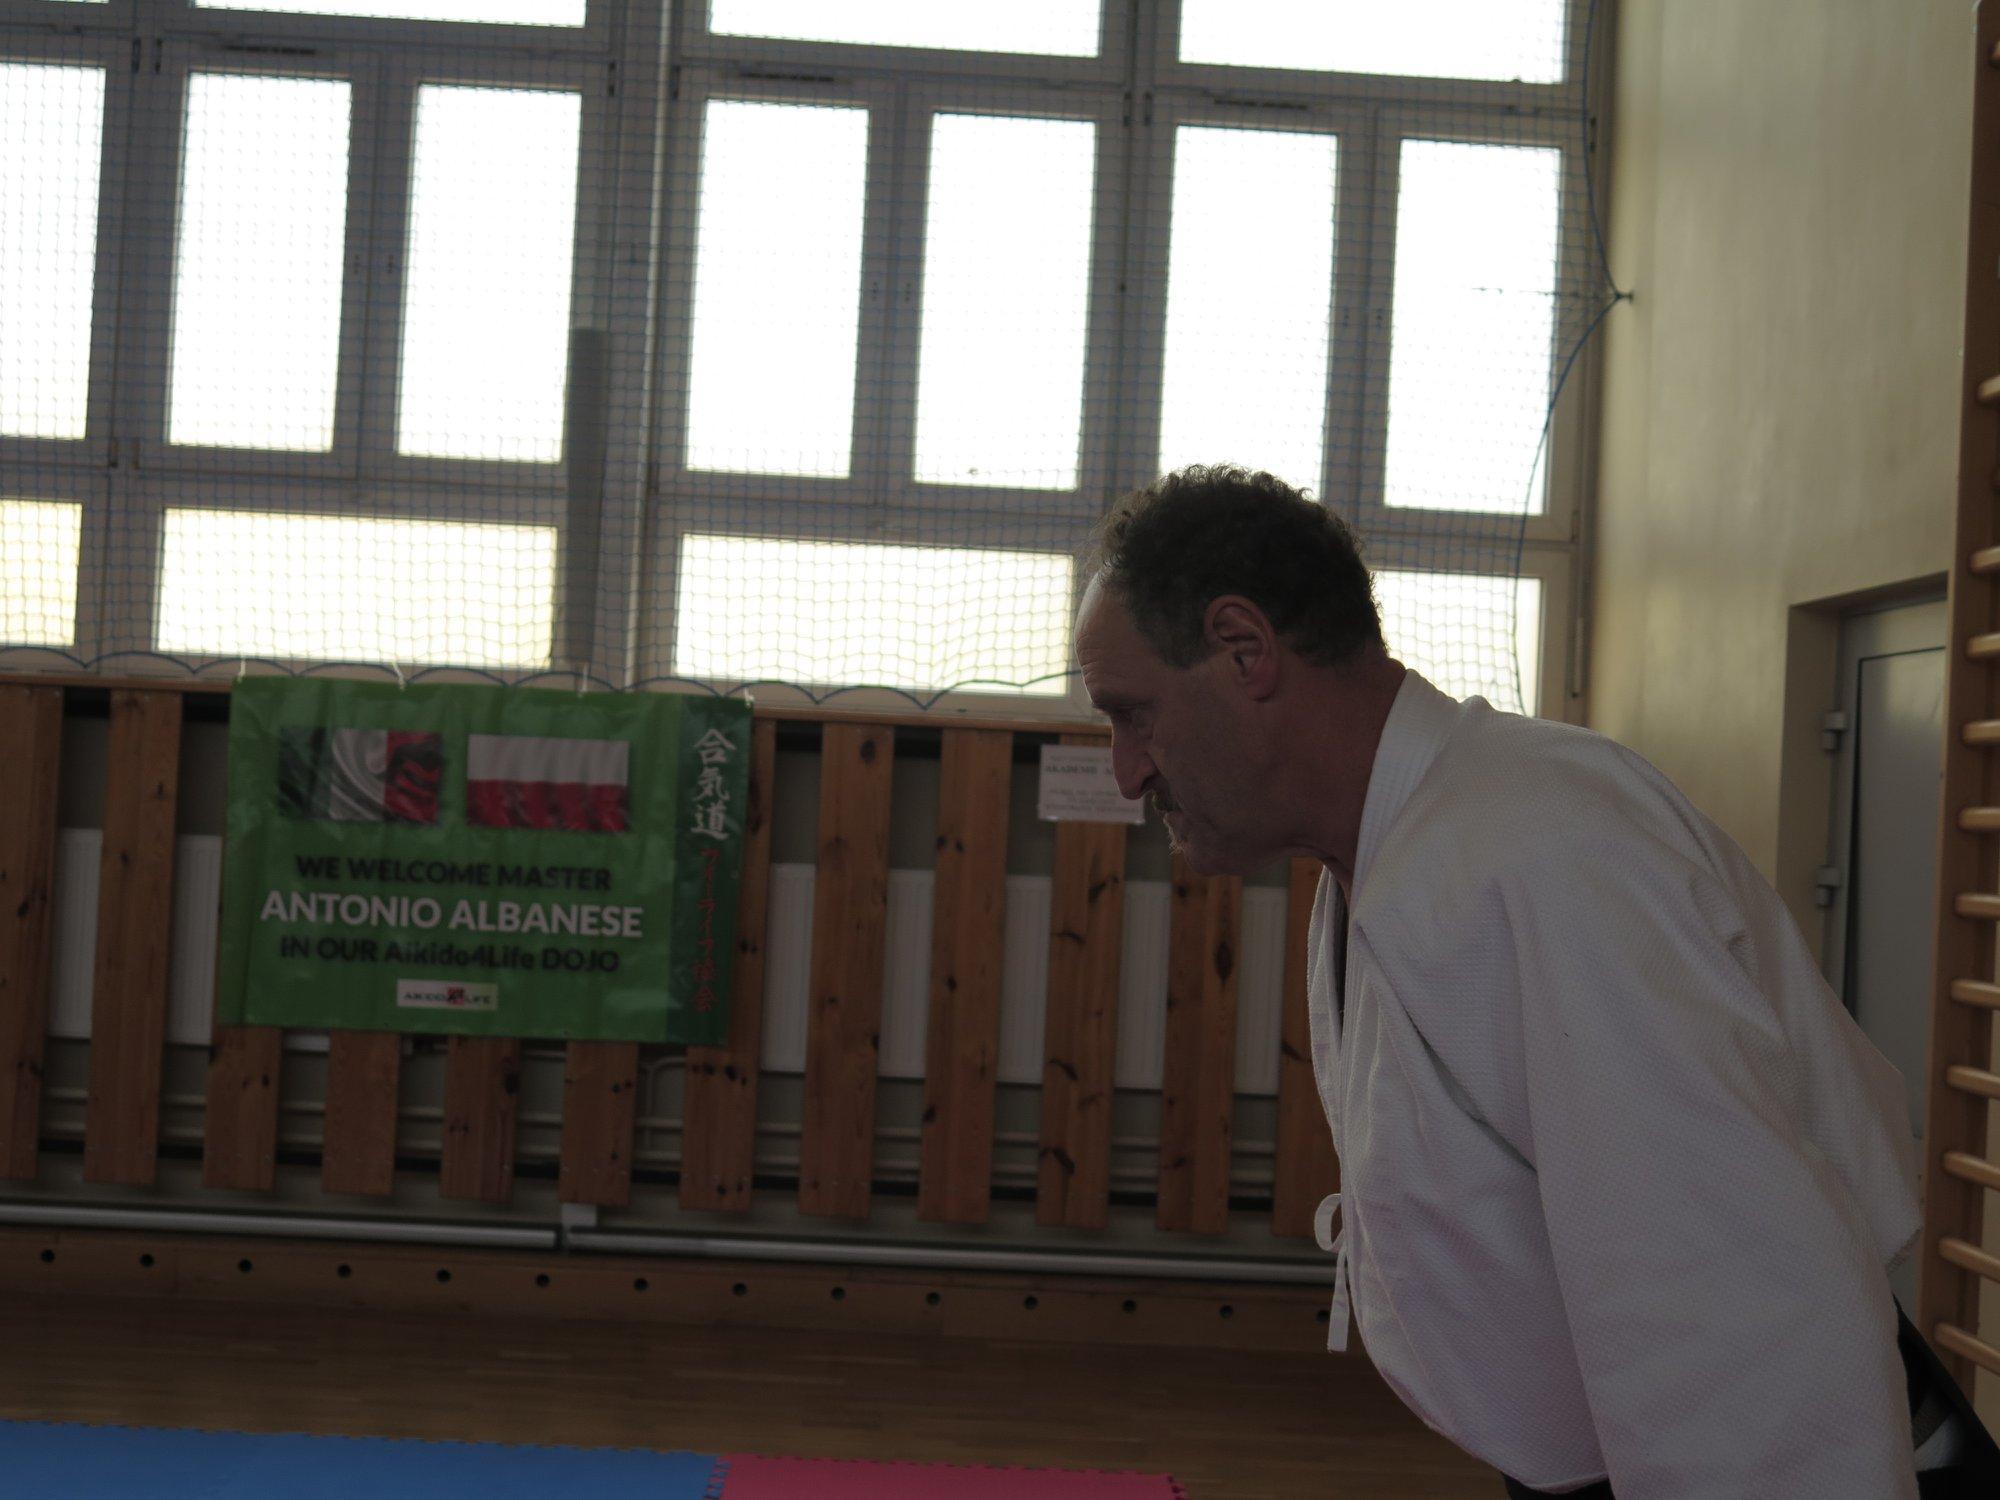 Staż z Antonio Albanese Shihan Super Aikido Lublin Dojo Nałkowskich (16)